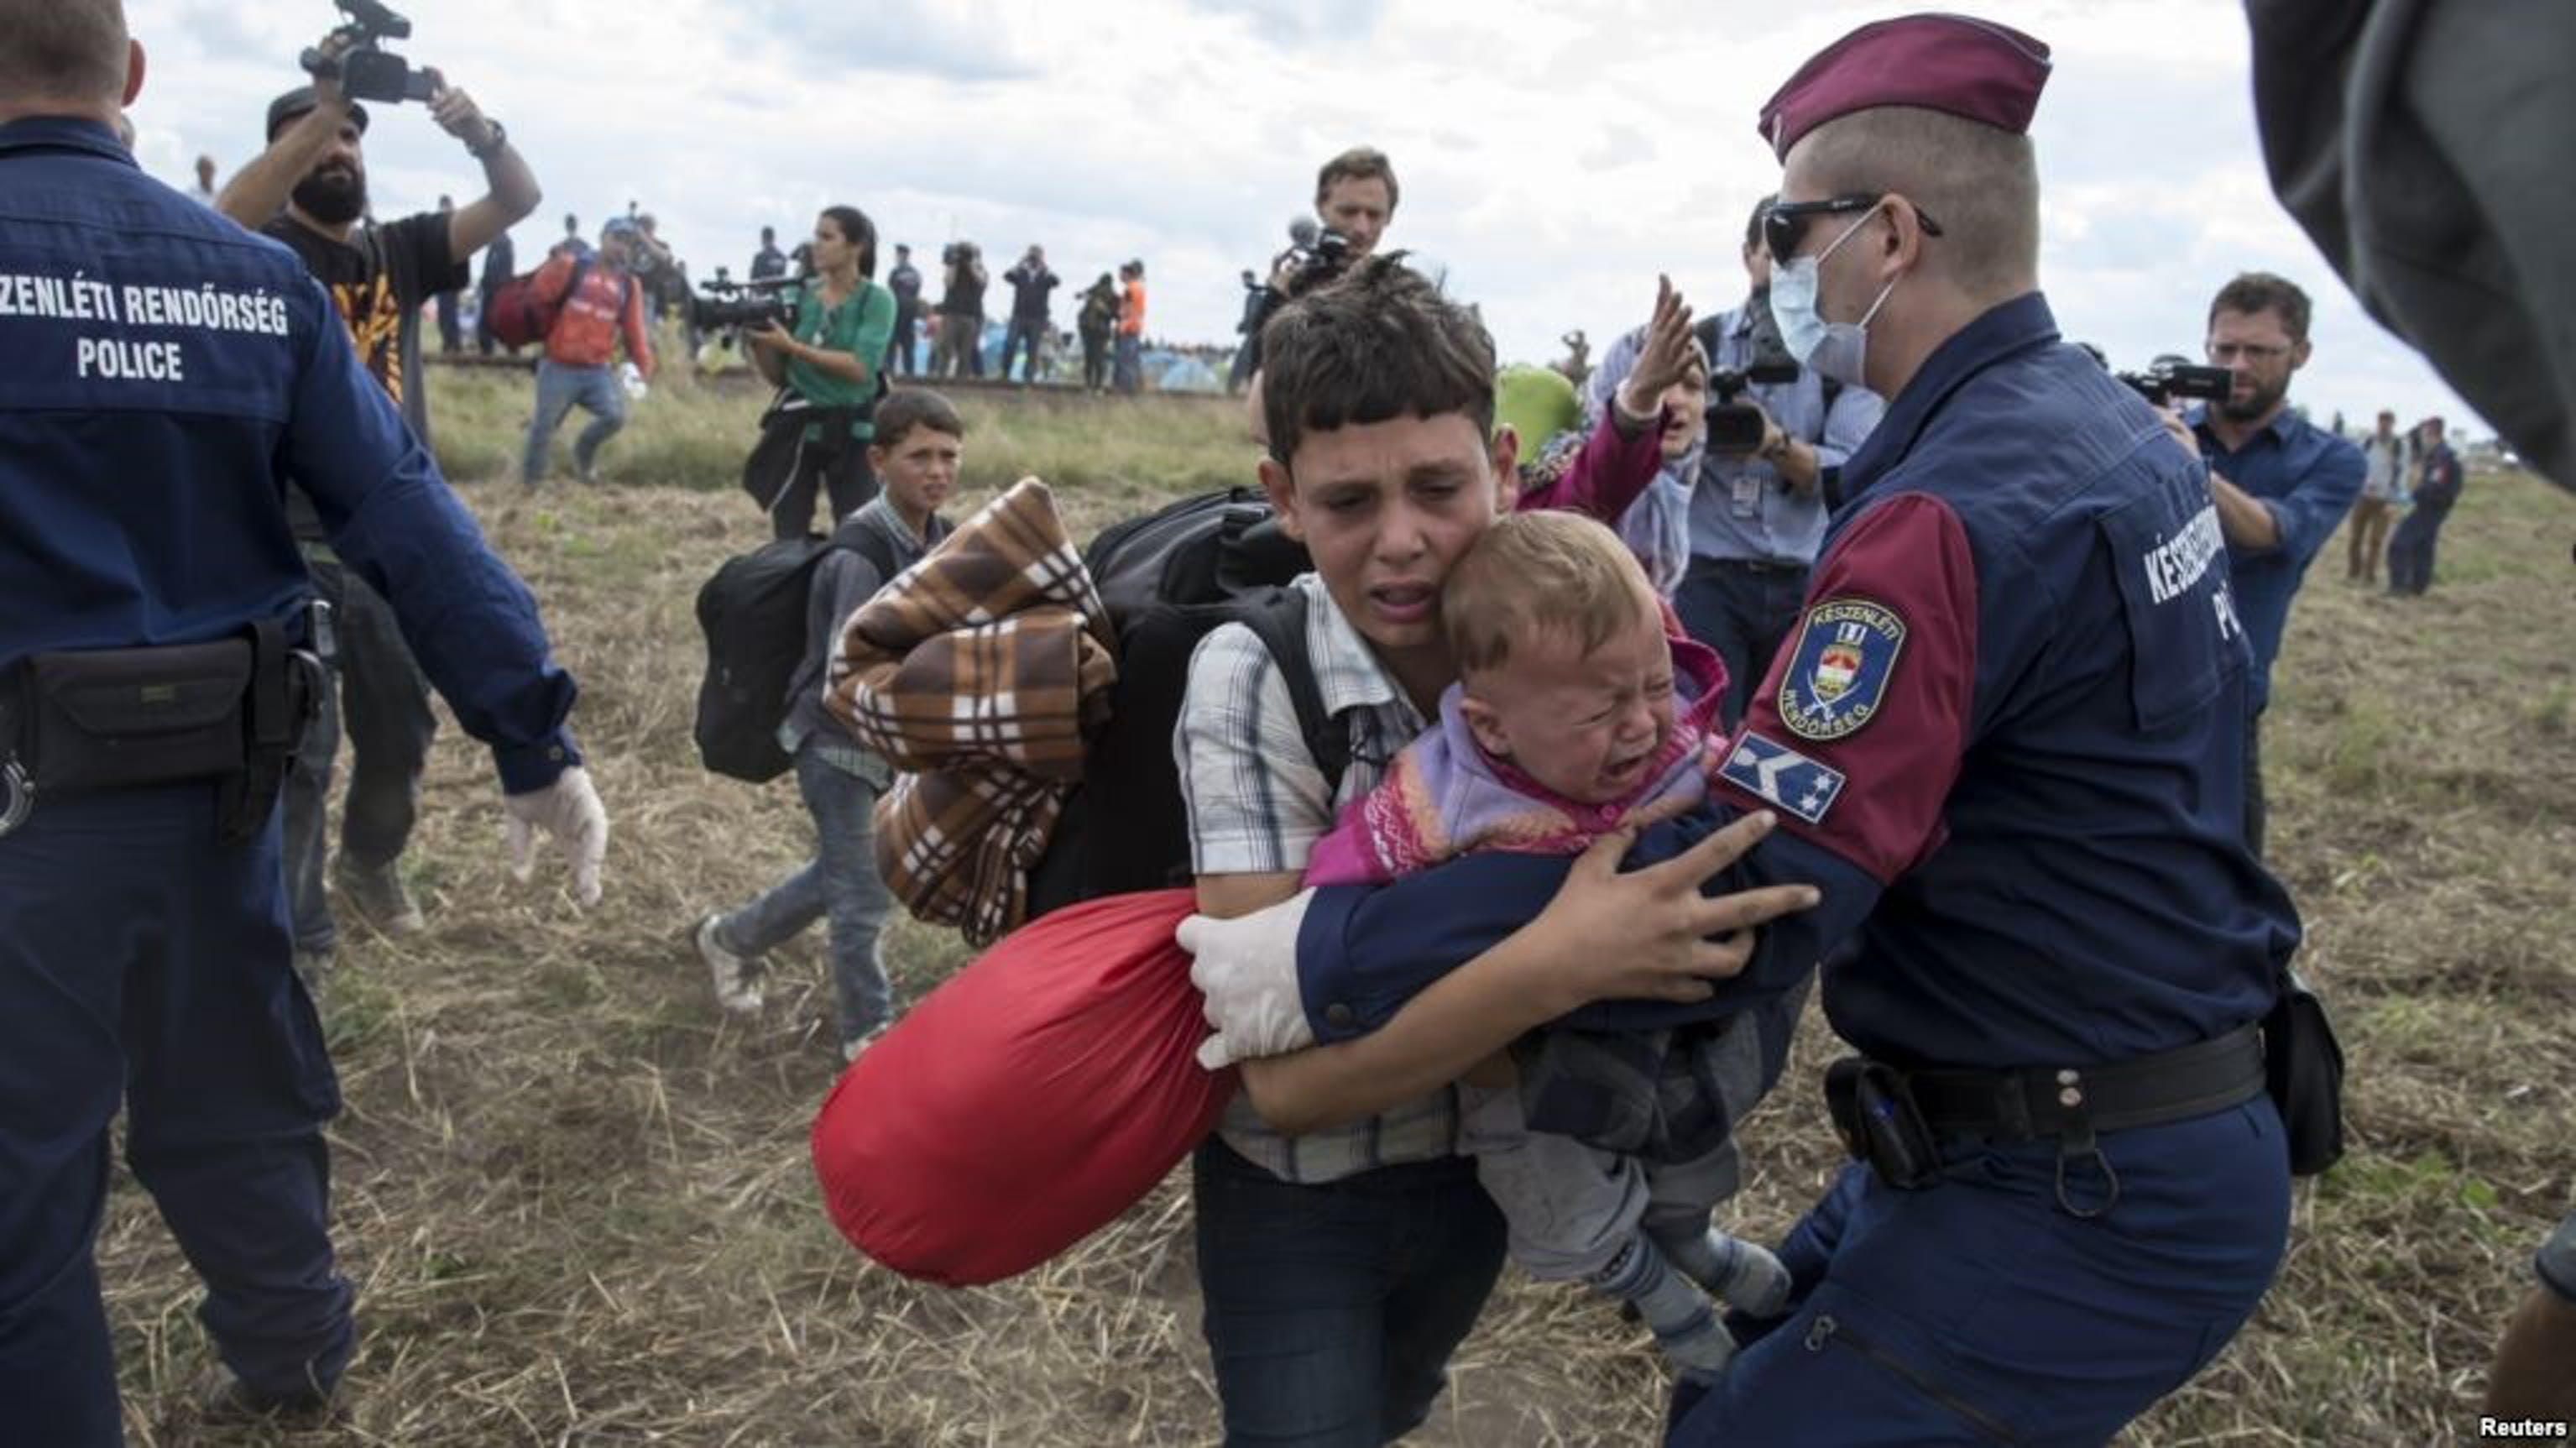 Migranti alla frontiera con l'Ungheria (settembre 2015) - ©Reuters